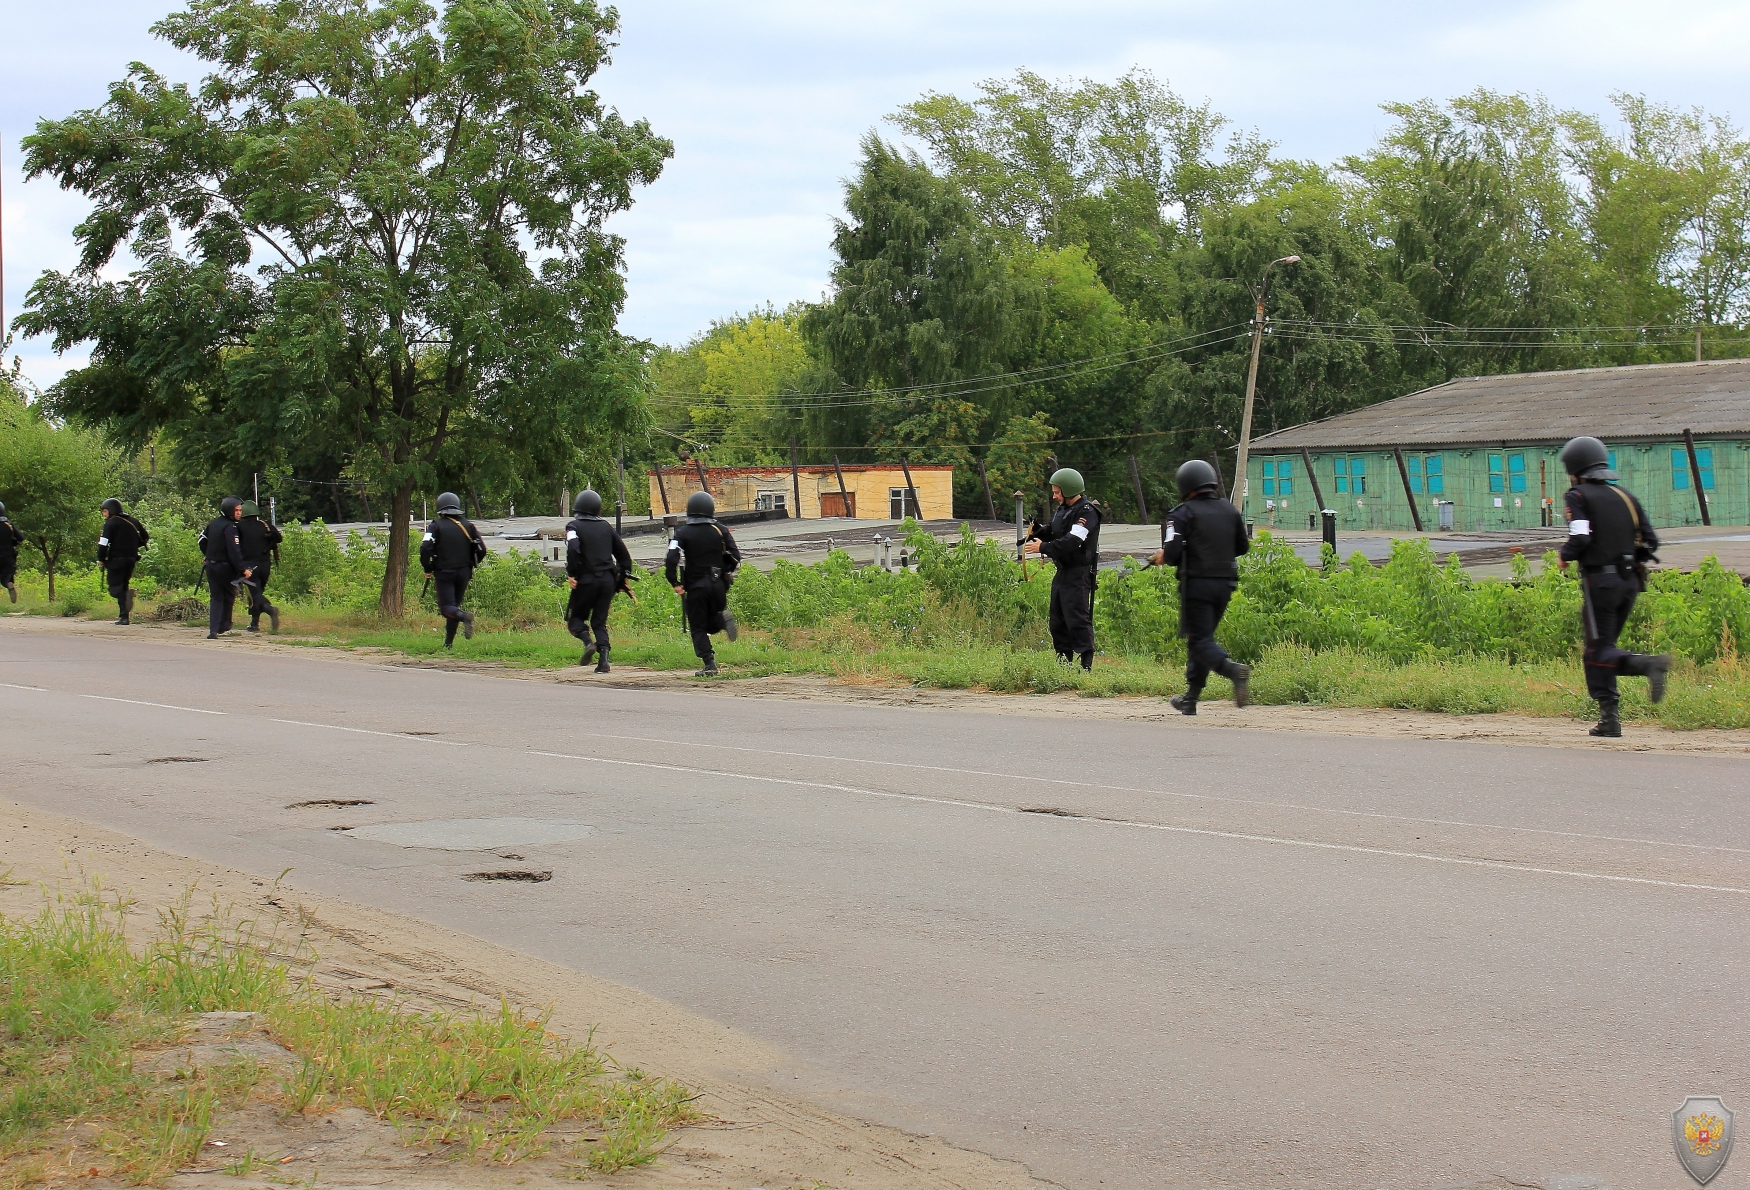 Осуществление первоочередных мер силами оперативной группы в  г. Тамбове. Оцепление территории войсковой части.